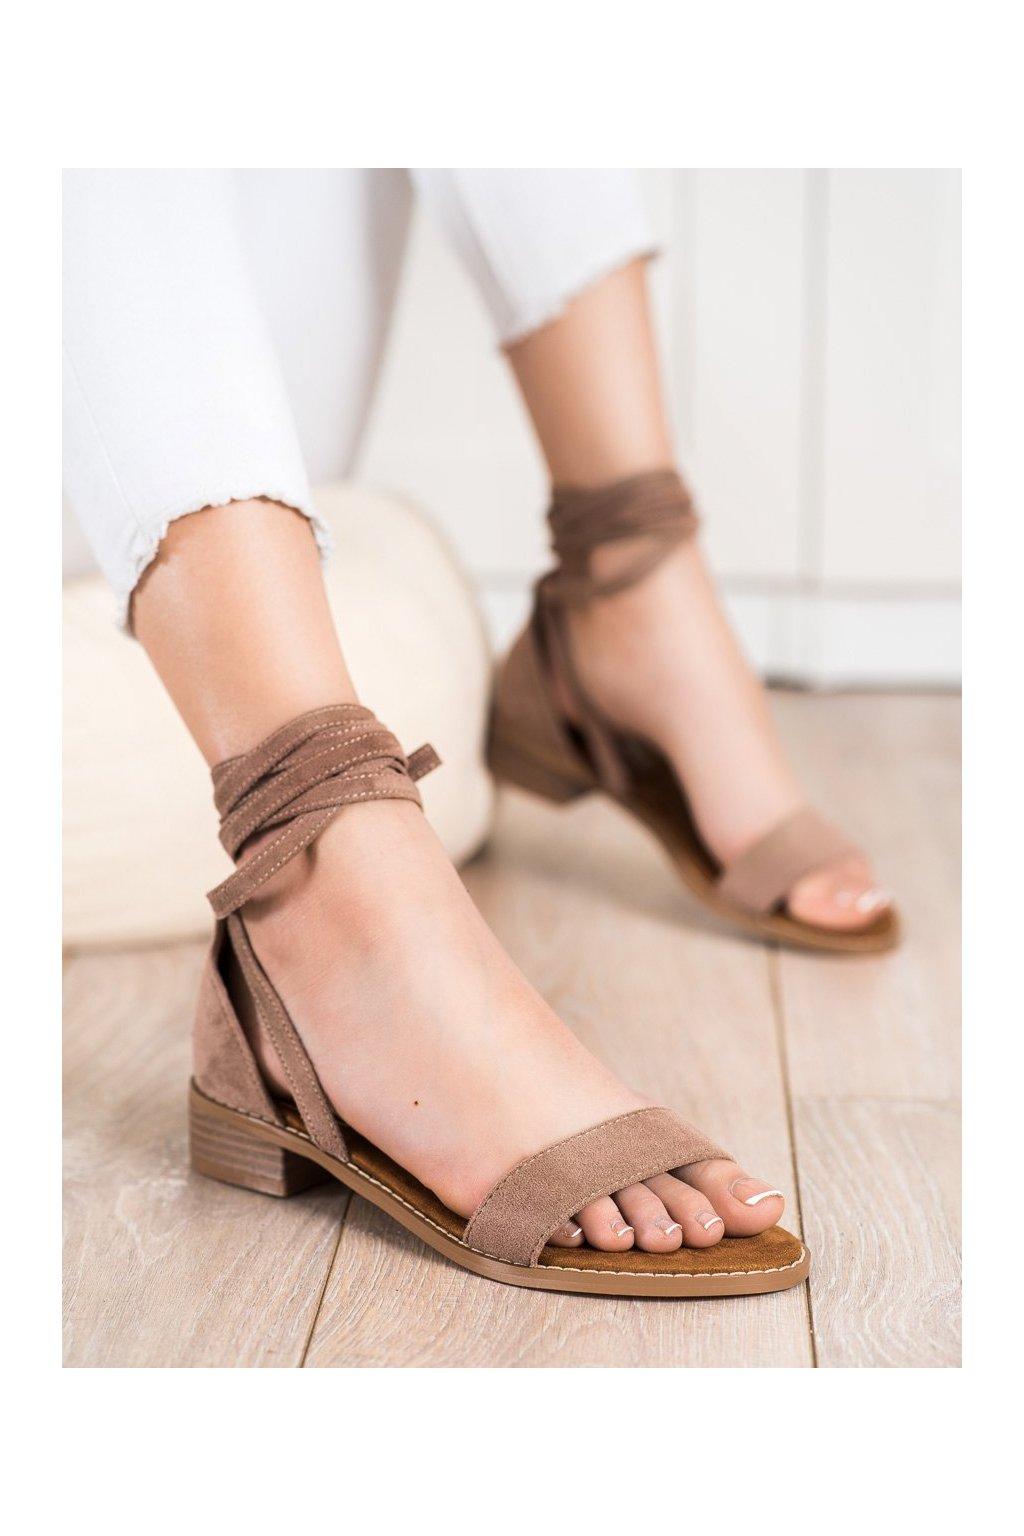 Hnedé sandále Goodin kod GD-OD-101KH